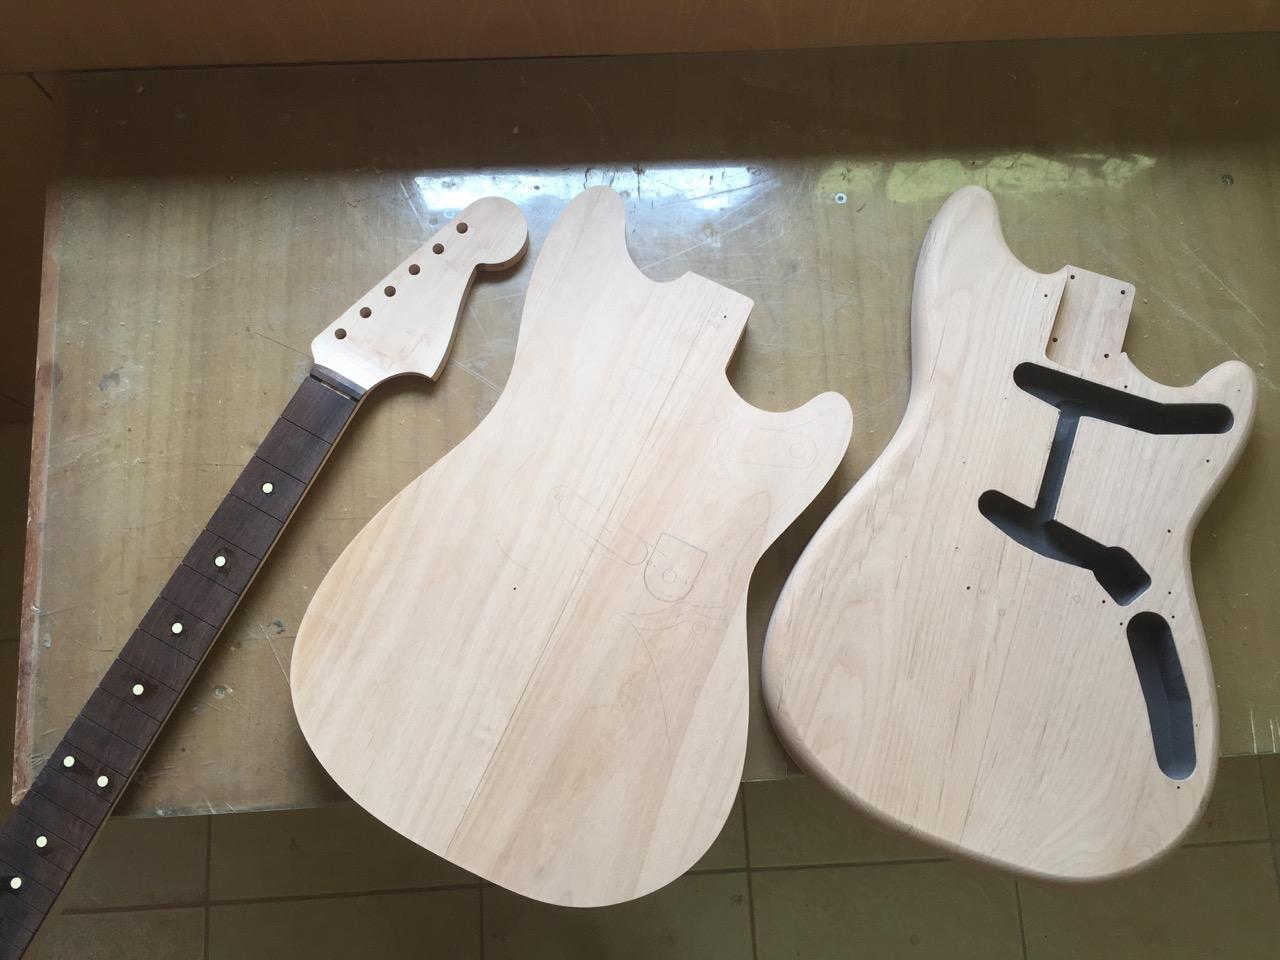 新しいギターが生まれるよ 2_f0181924_7375289.jpg